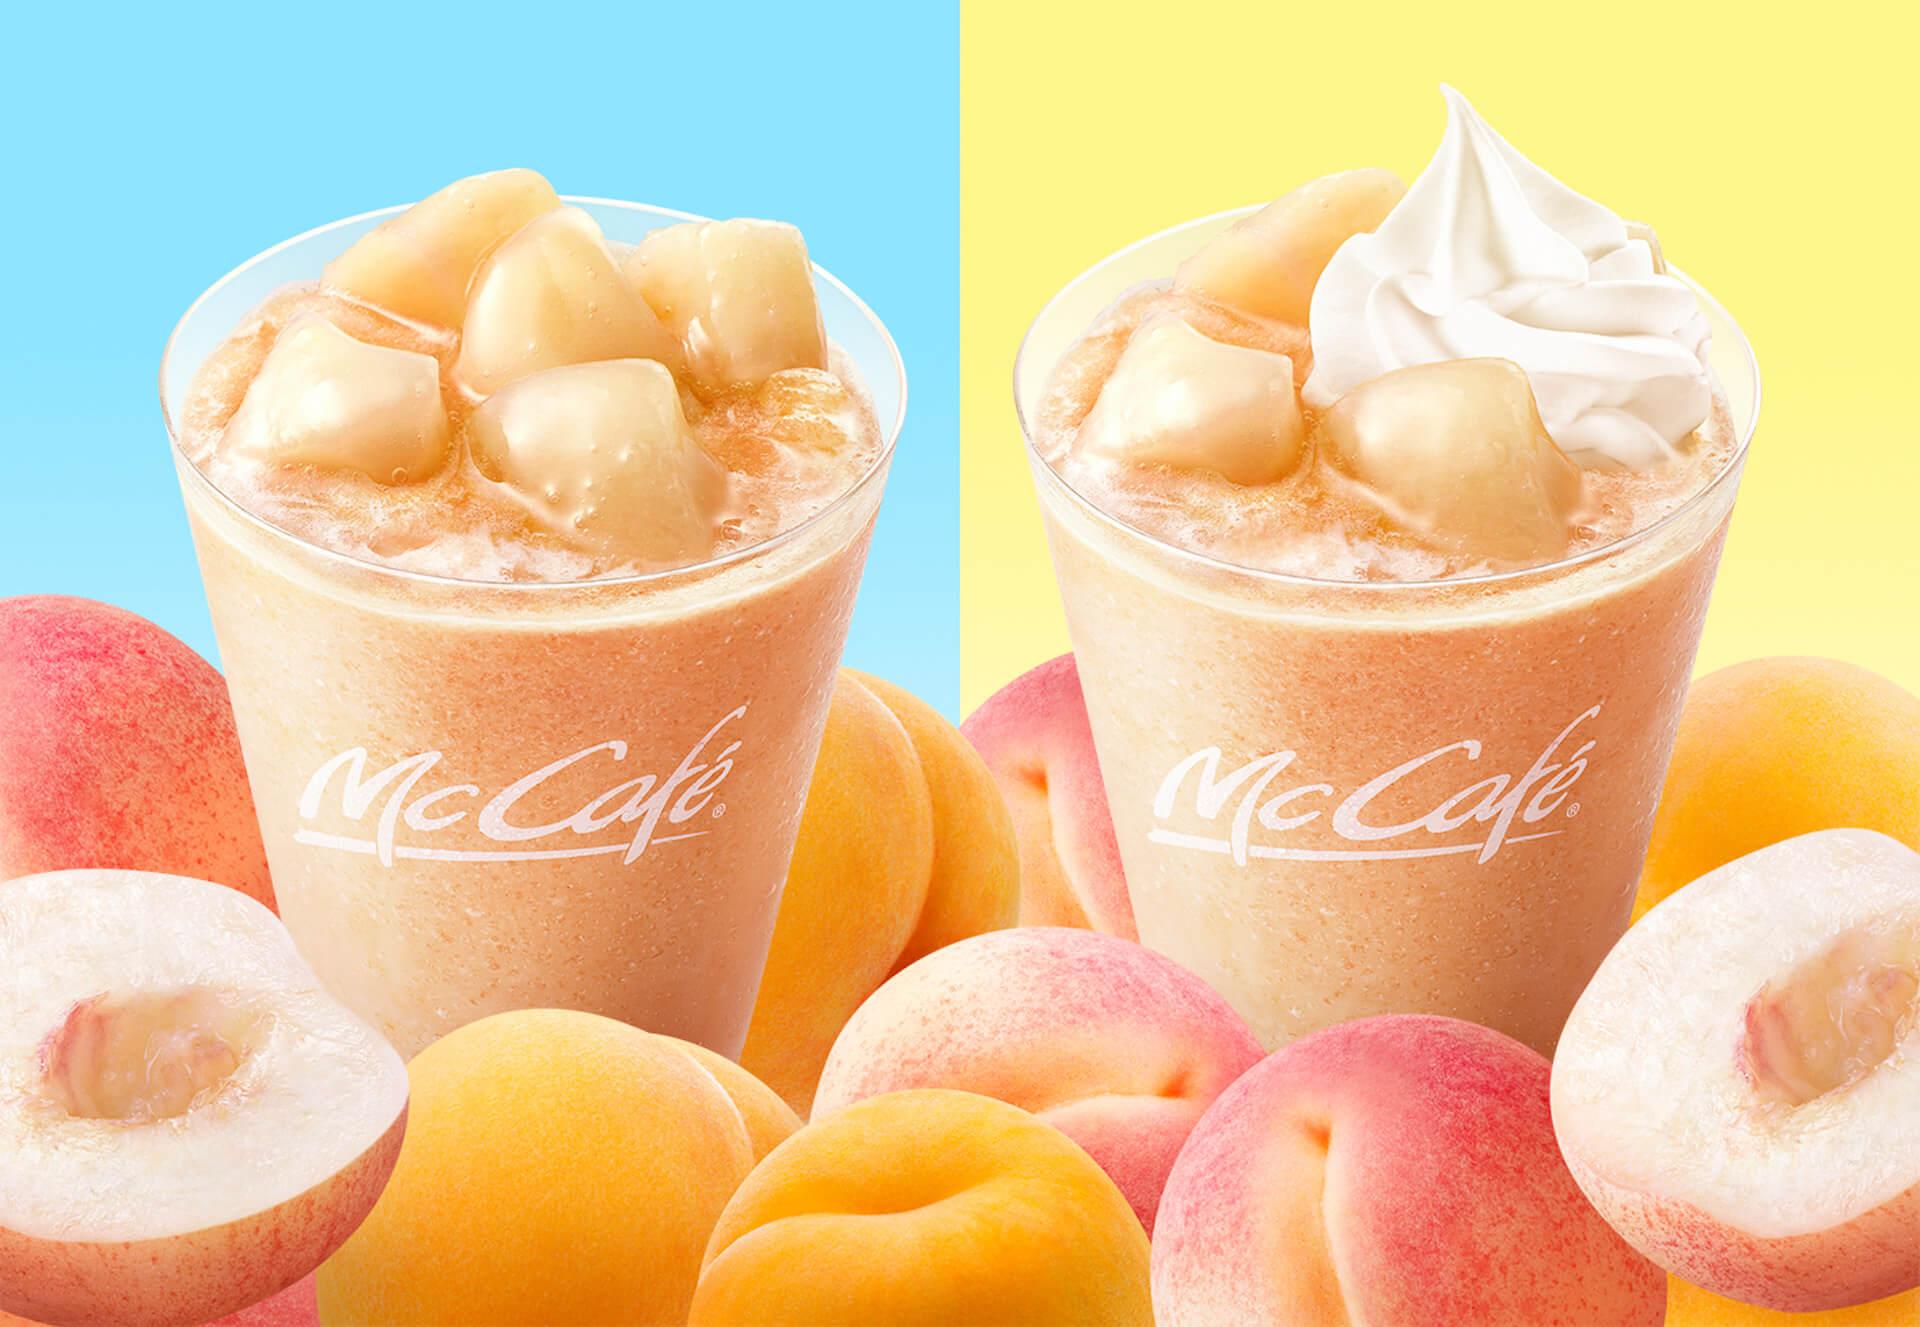 マクドナルドのMcCafé by Baristaに夏気分を先取りできる「桃のスムージー」が再登場! gourmet200513_mcdonald_momo_4